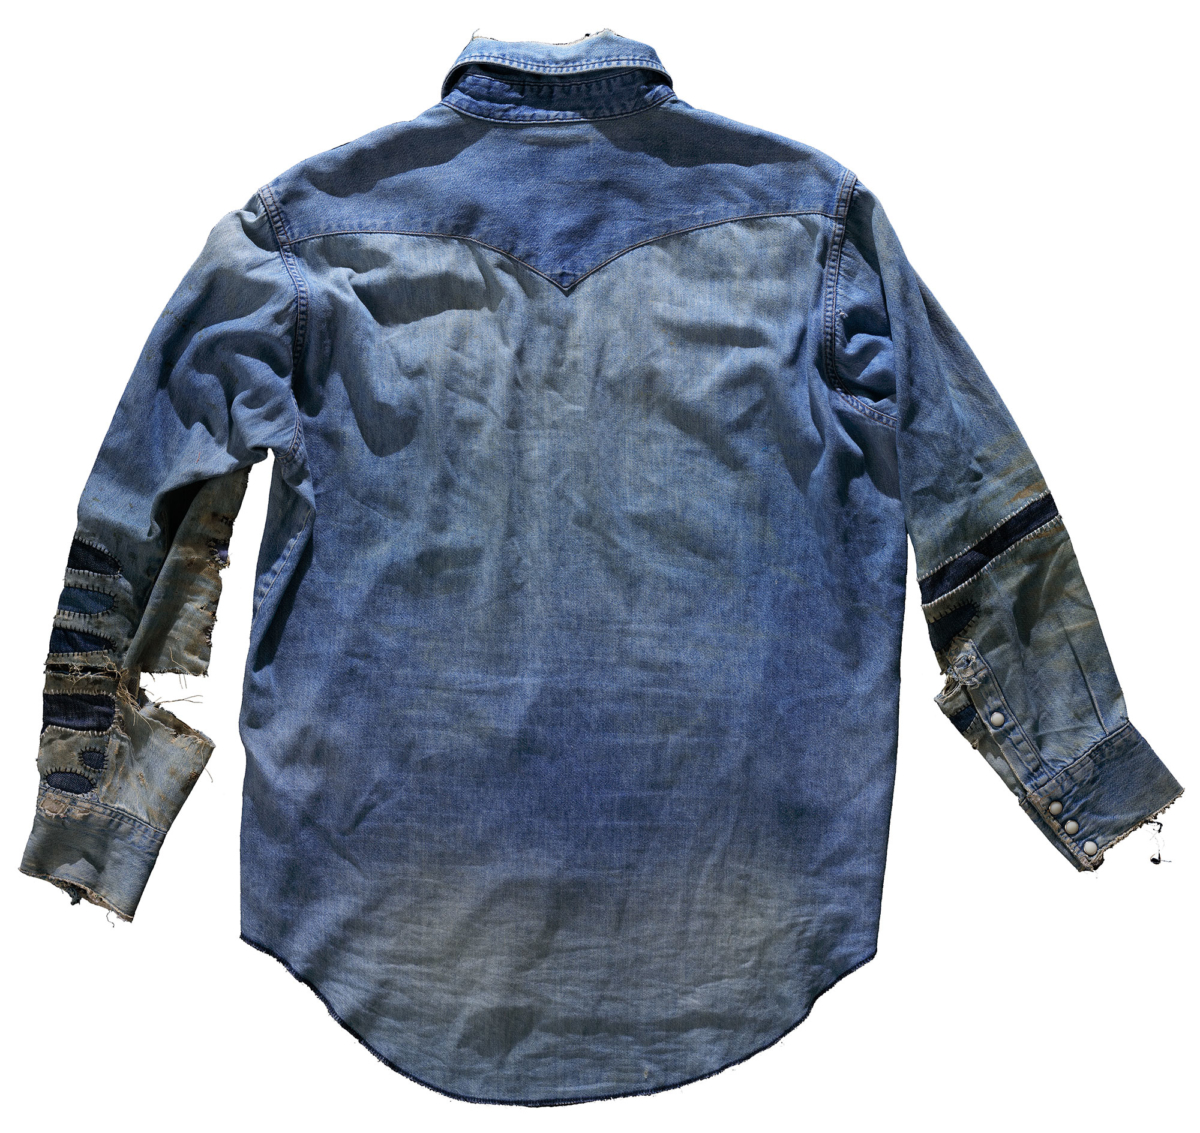 Väldigt sliten och lappad jeansskjorta. Baksida.